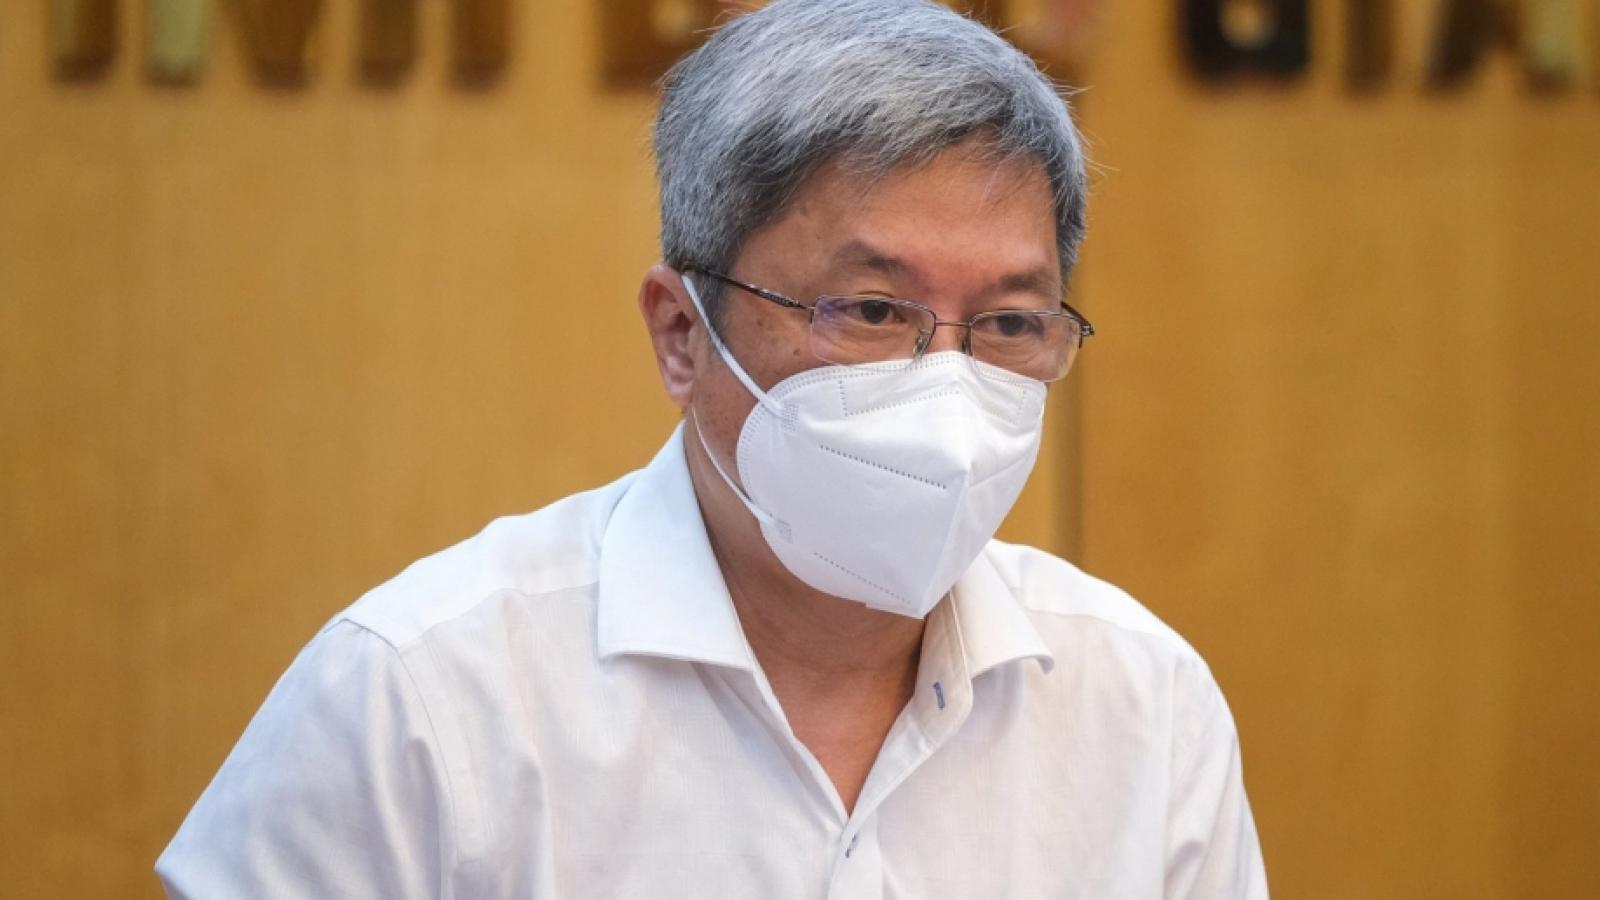 Thứ trưởng Bộ Y tế khẩn thiết kêu gọi toàn bộ hệ thống y tế công, tư cùng nhau chống dịch